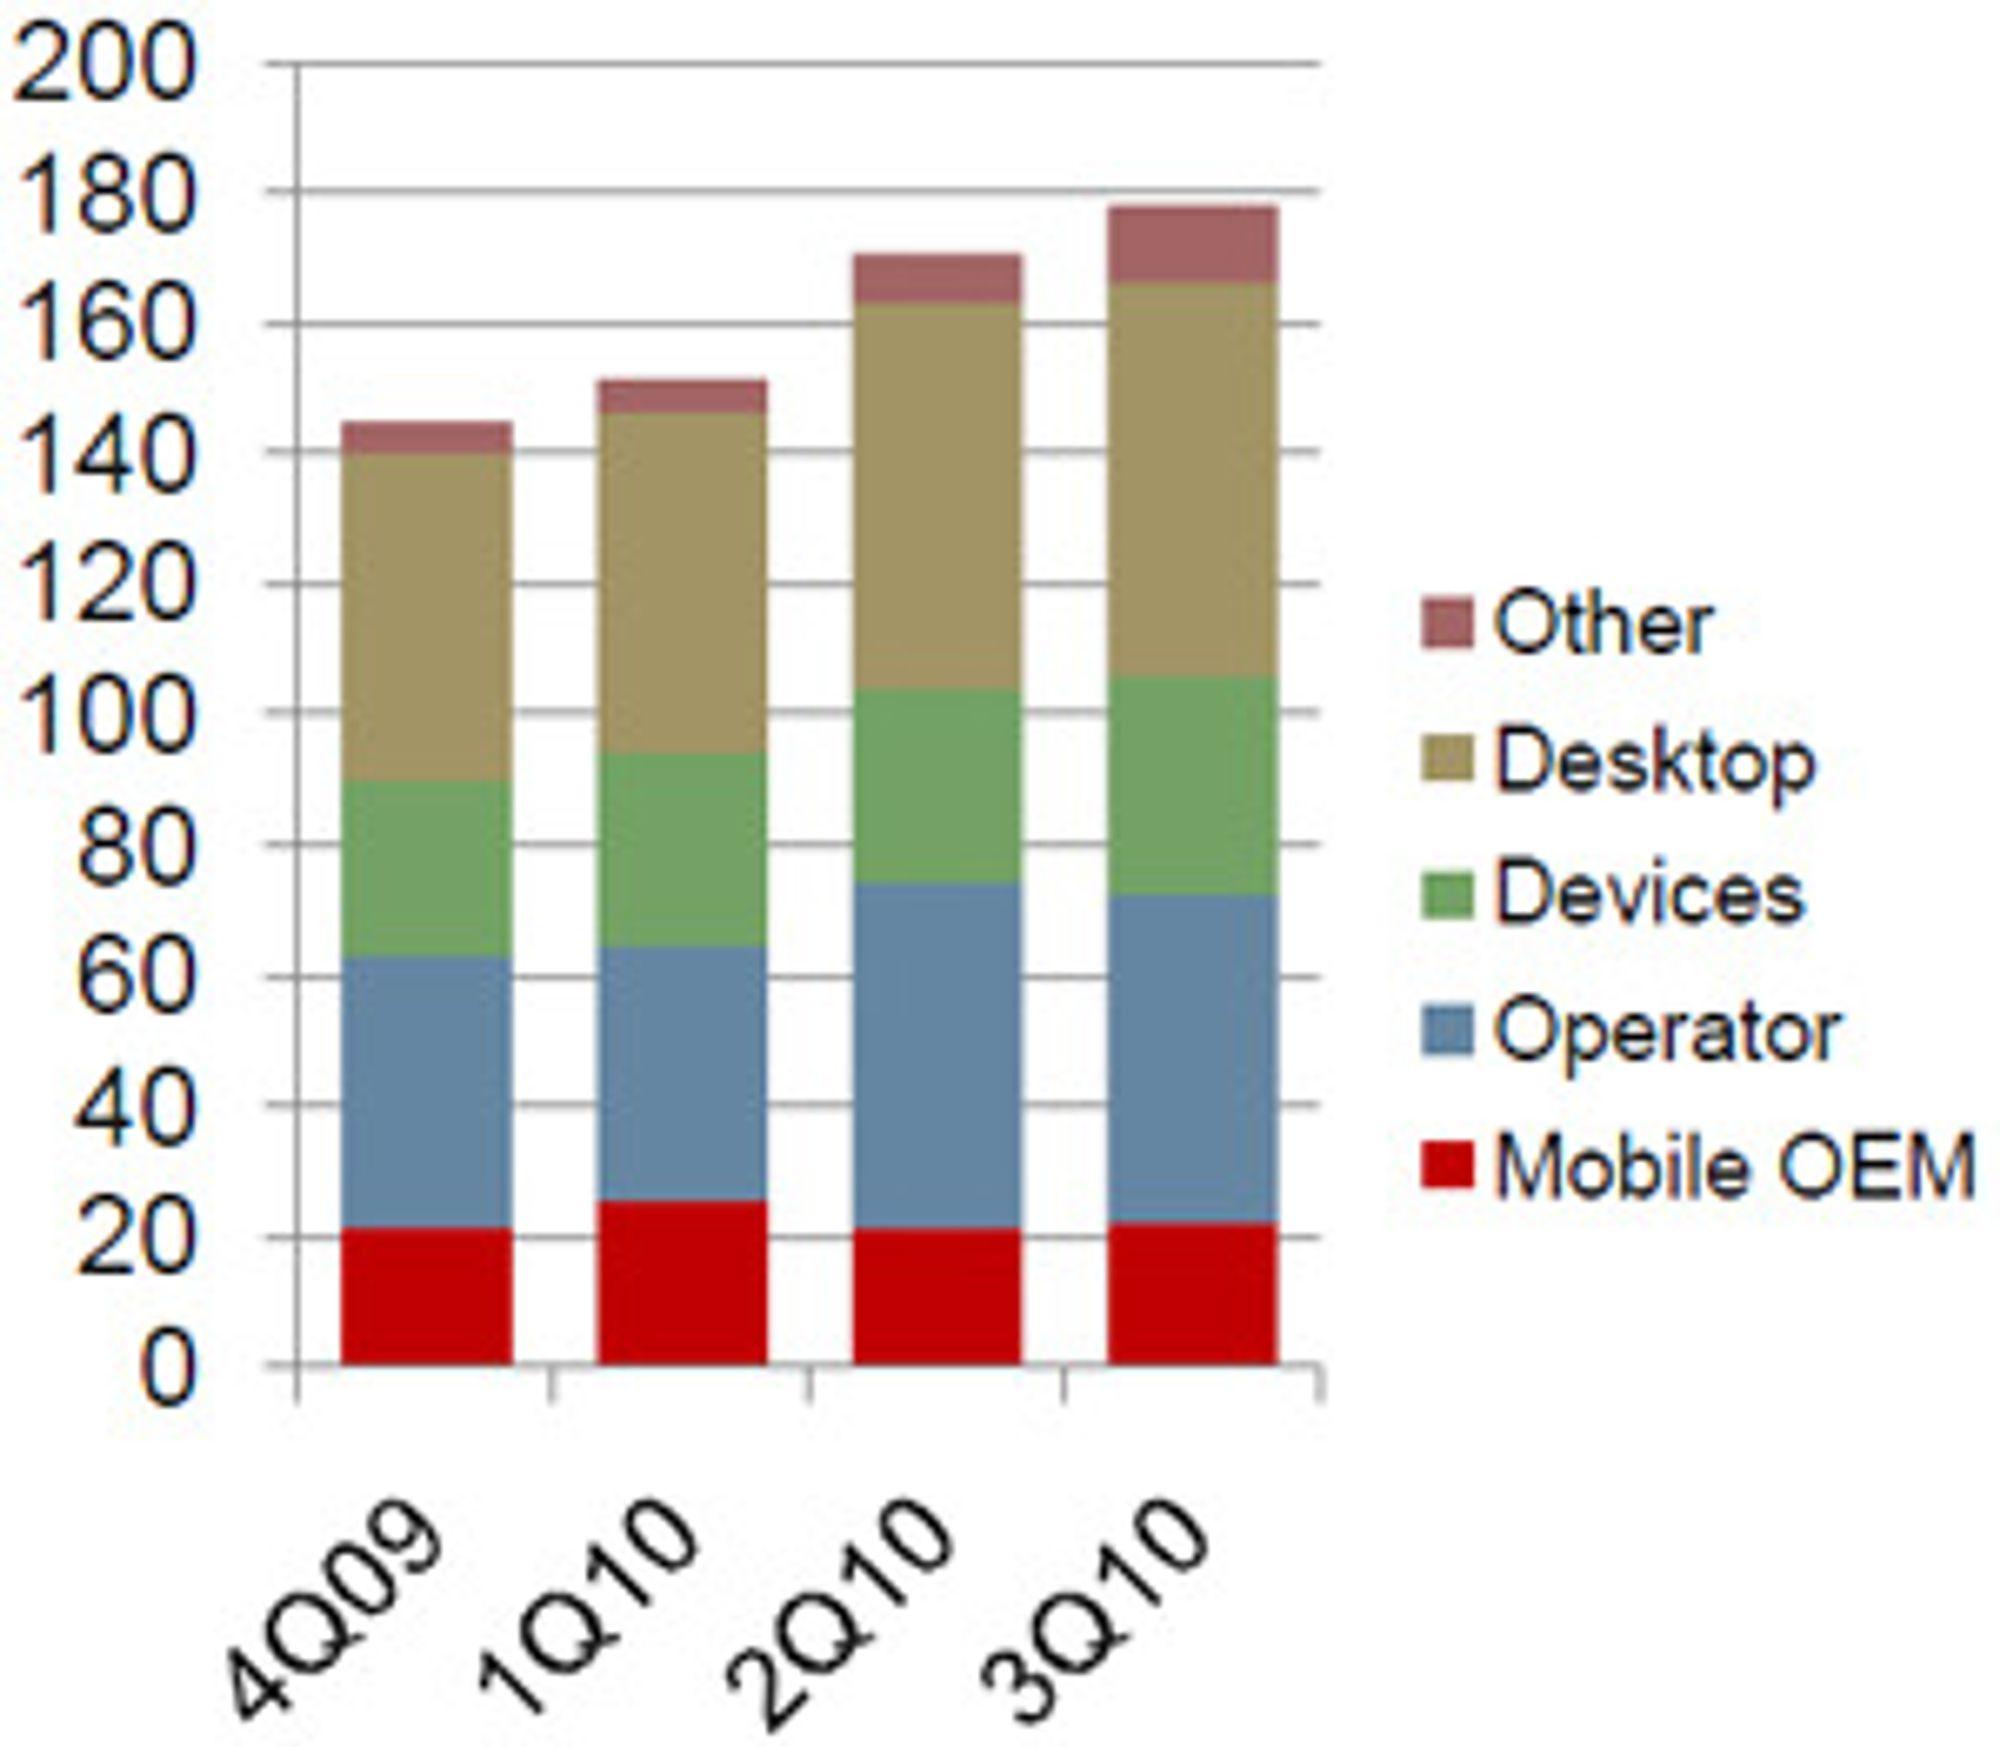 Omsetningen per målgruppe viser at Opera ennå ikke greier å øke mobilomsetningen i samme takt som økningen i antall brukere.